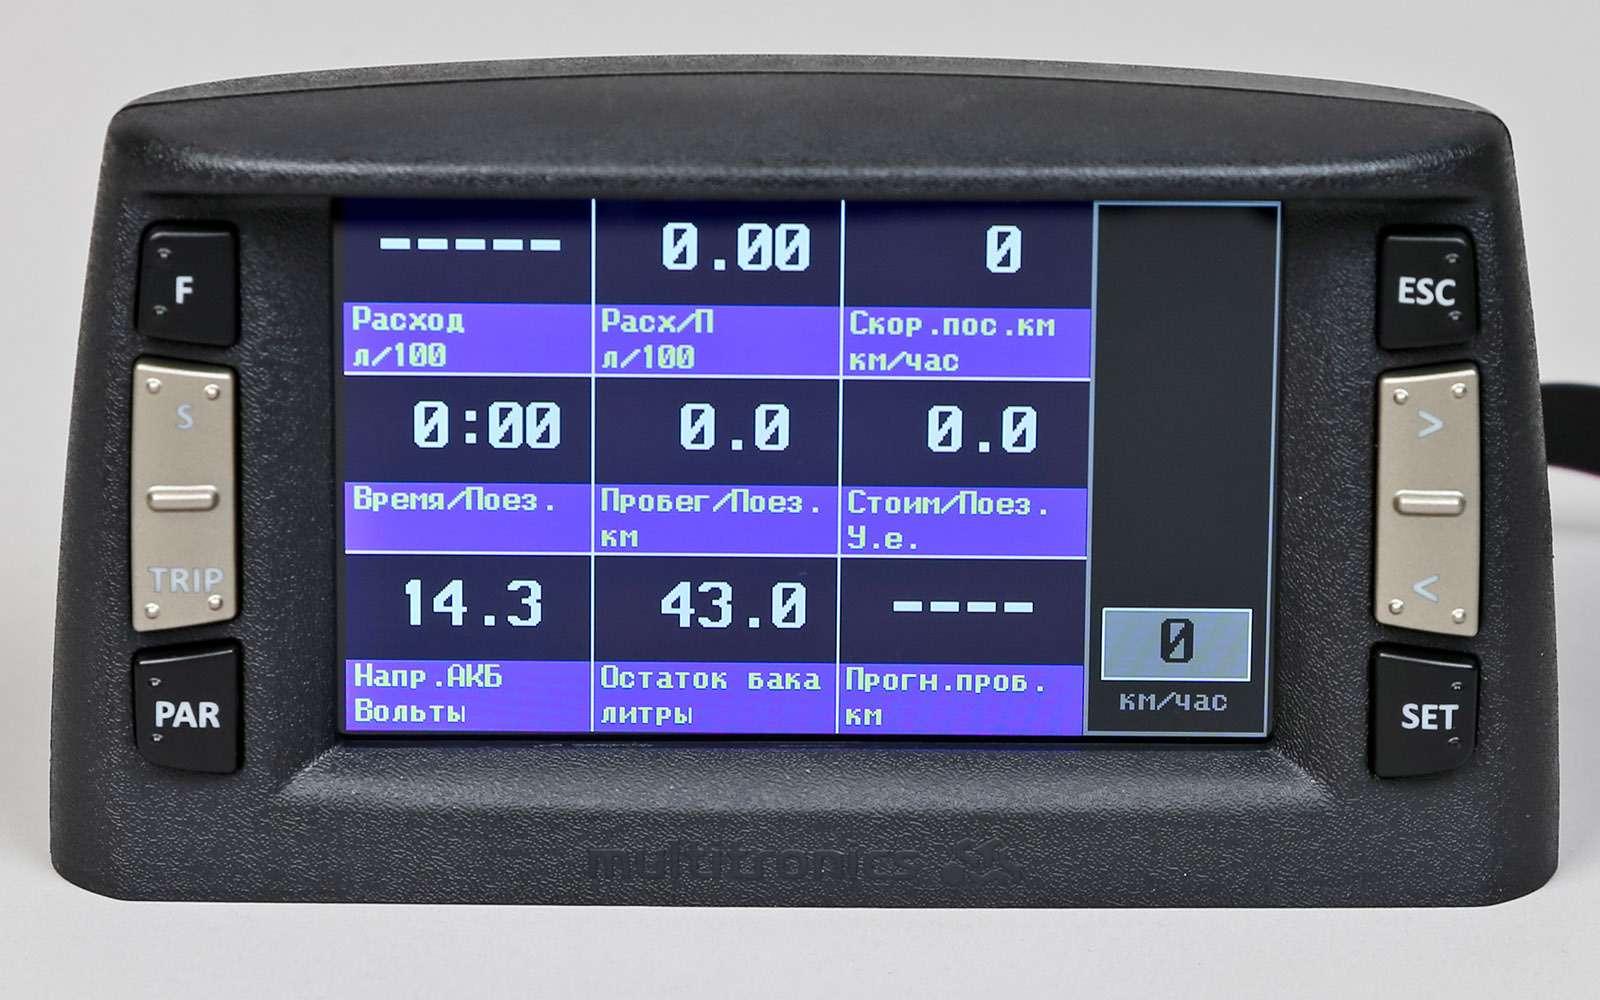 Бортовые компьютеры длябюджетных авто: сравниваем шесть моделей— фото 720016